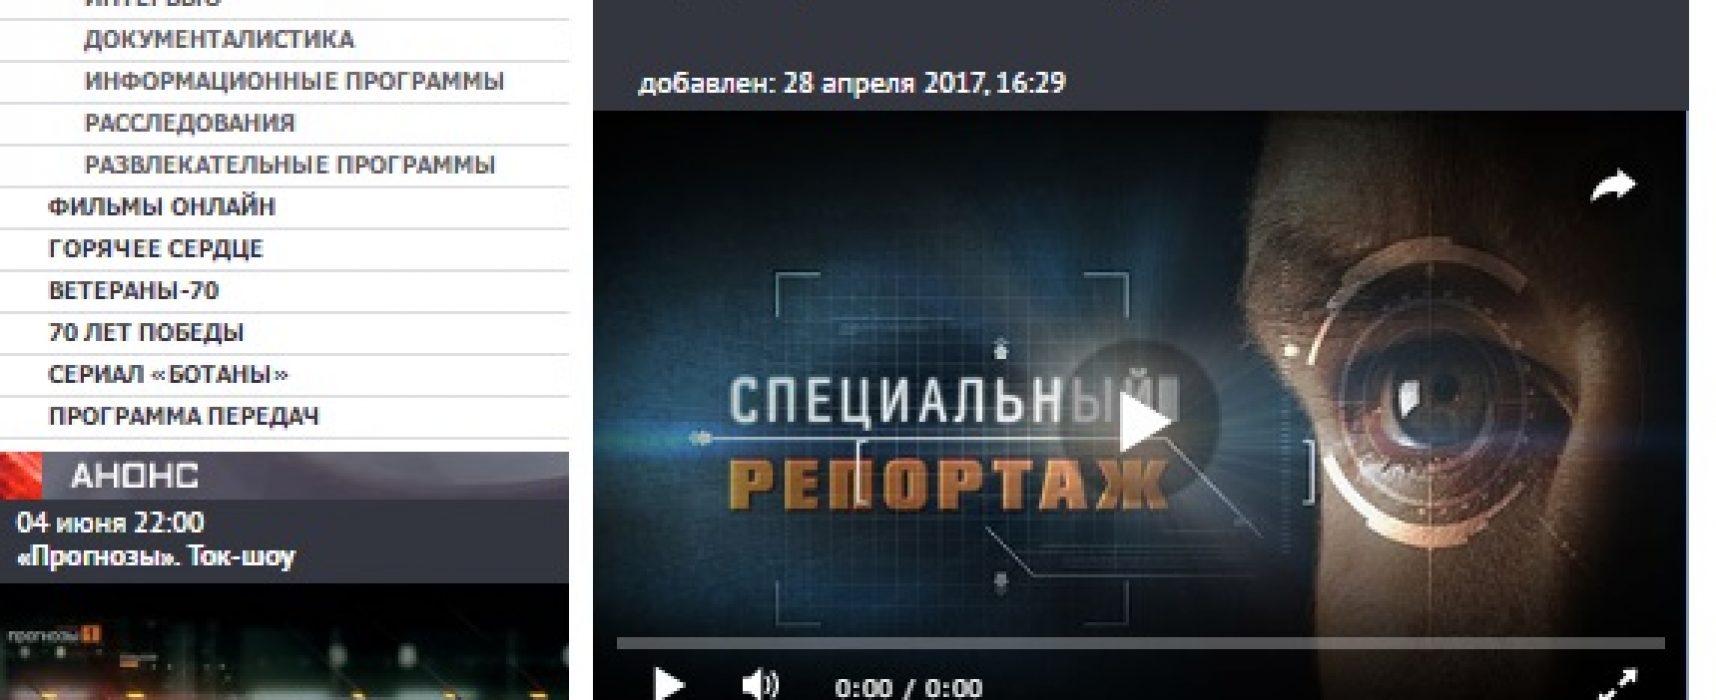 Las falacias del documental de la TV rusa sobre la cancelación de visados para Ucrania